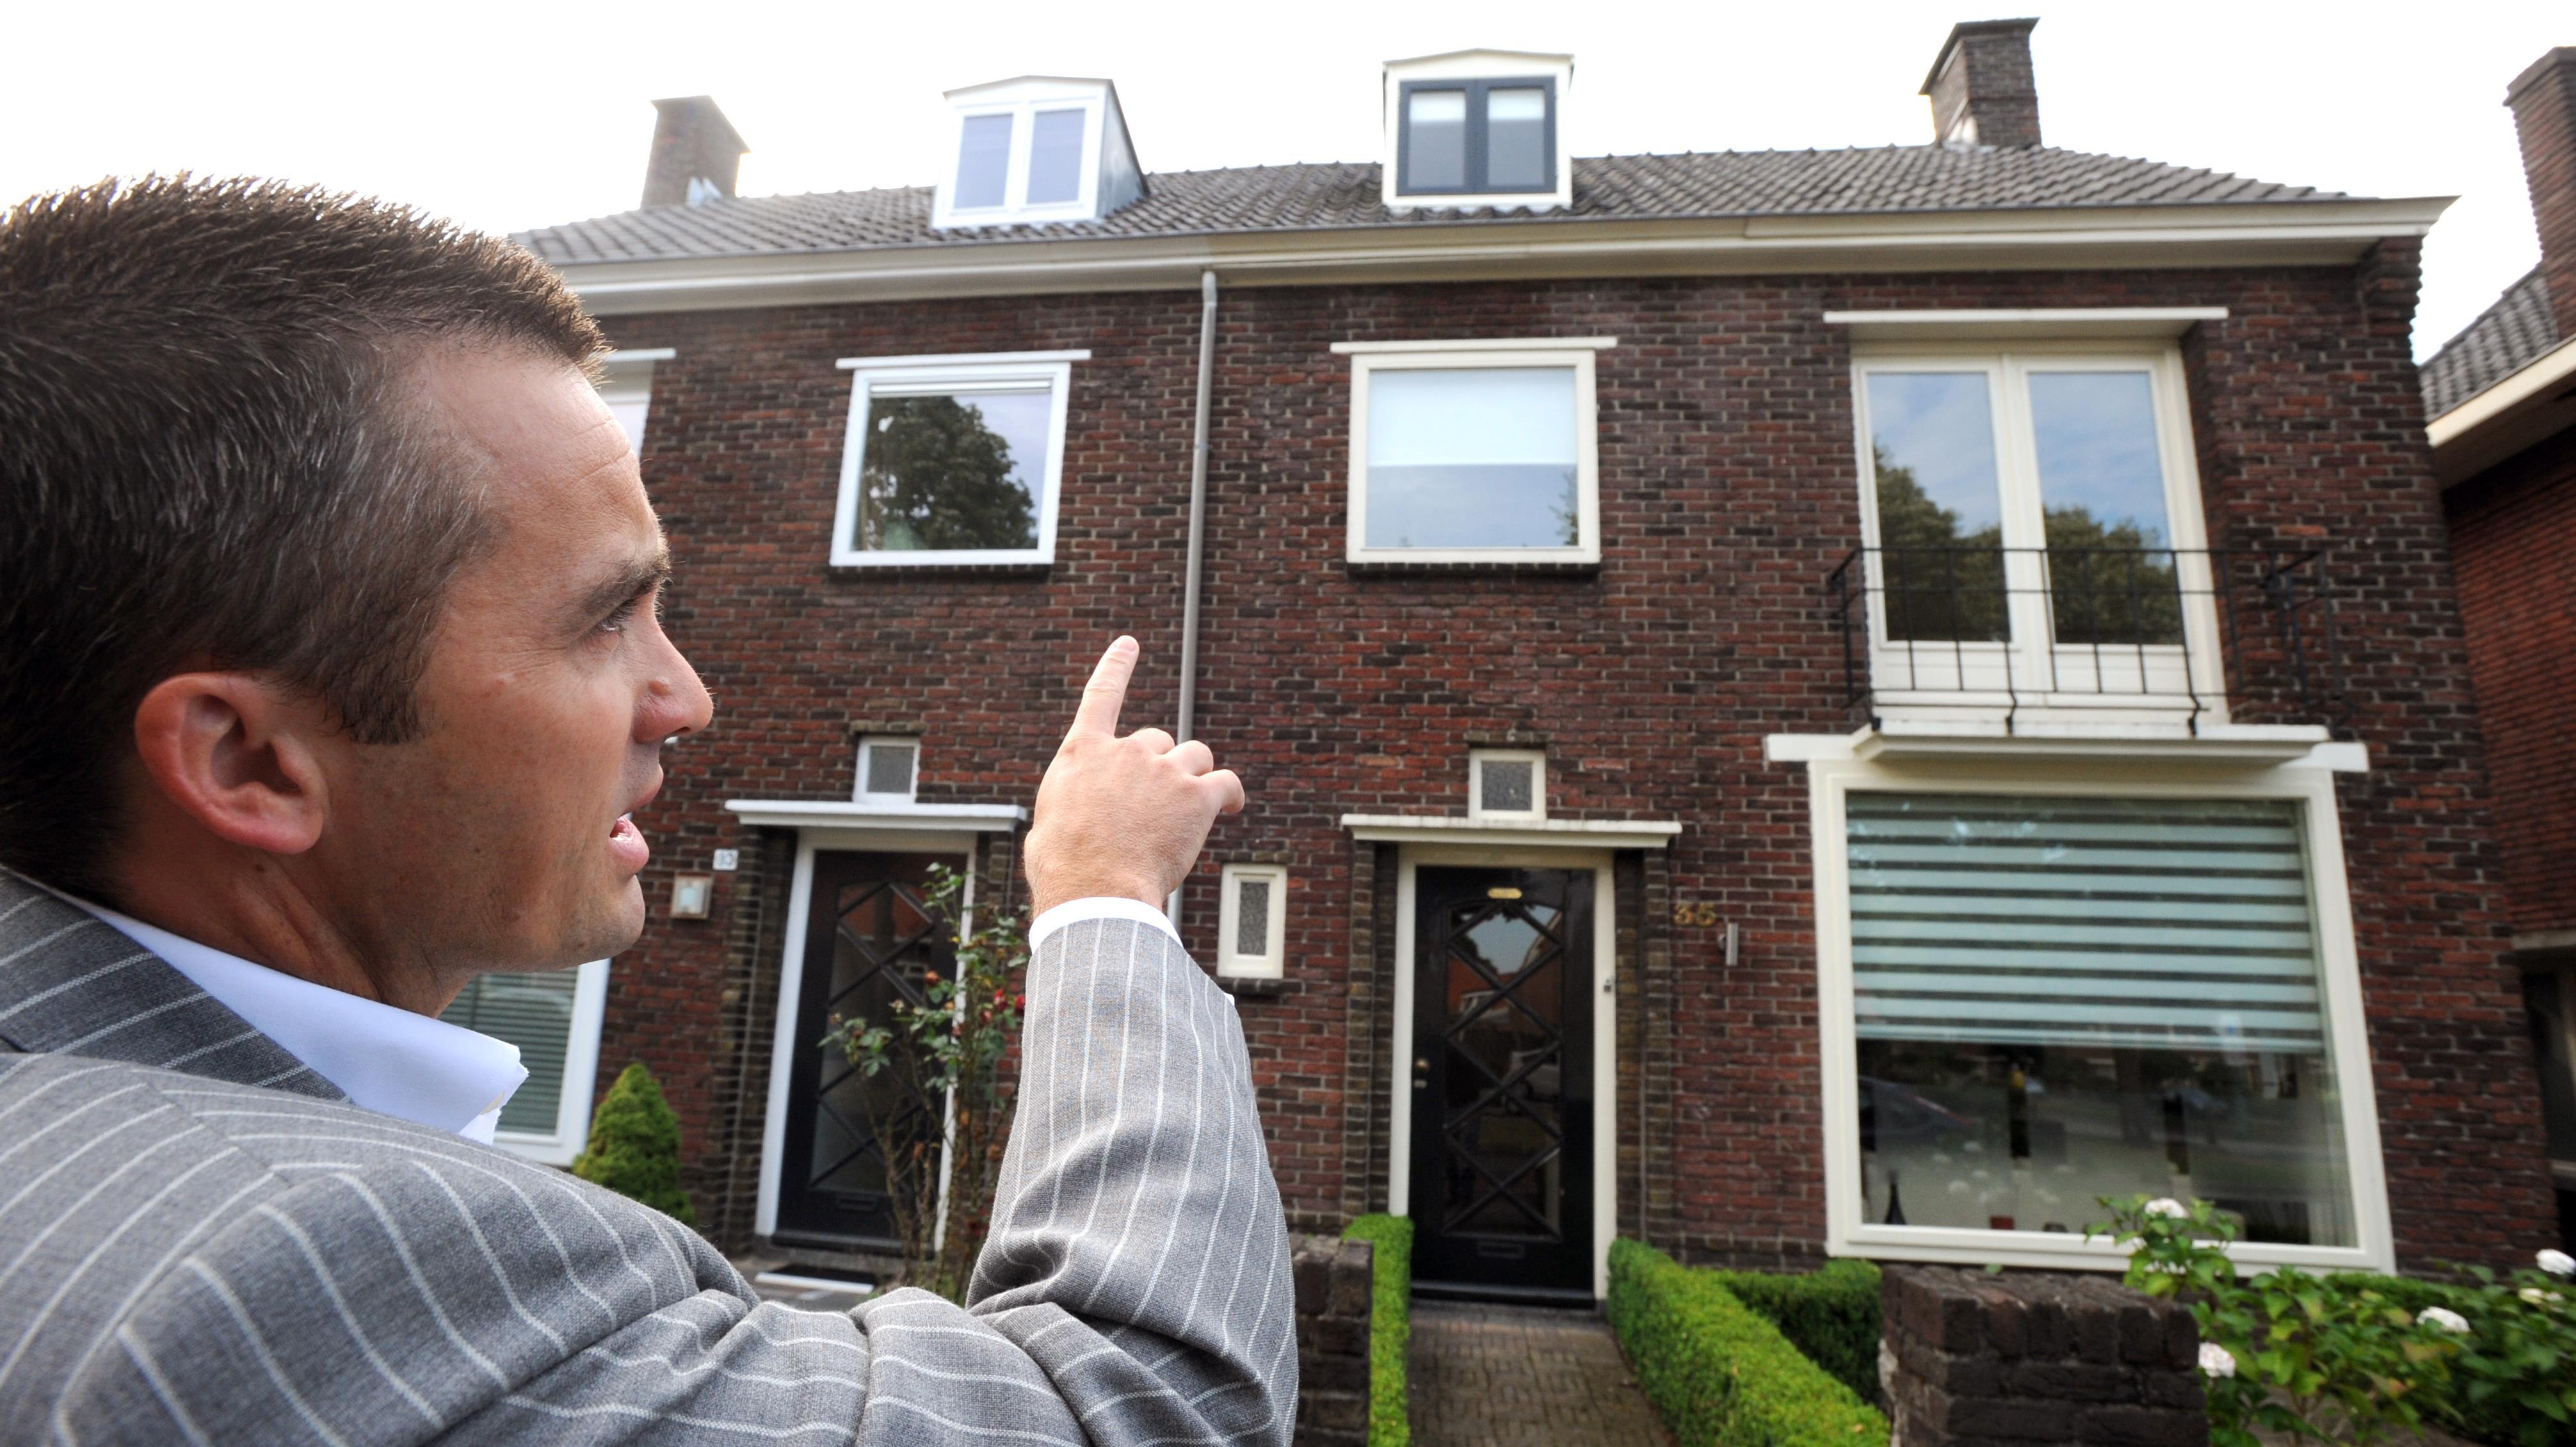 Nvm open huizen dag 39 bijzonder geslaagd 39 for Makelaar huizen